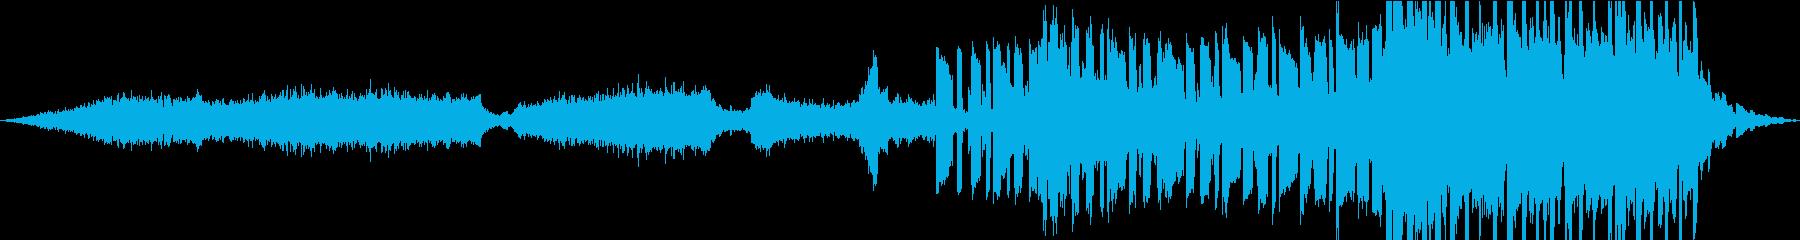 アイルランドのサウンドデザインパッ...の再生済みの波形